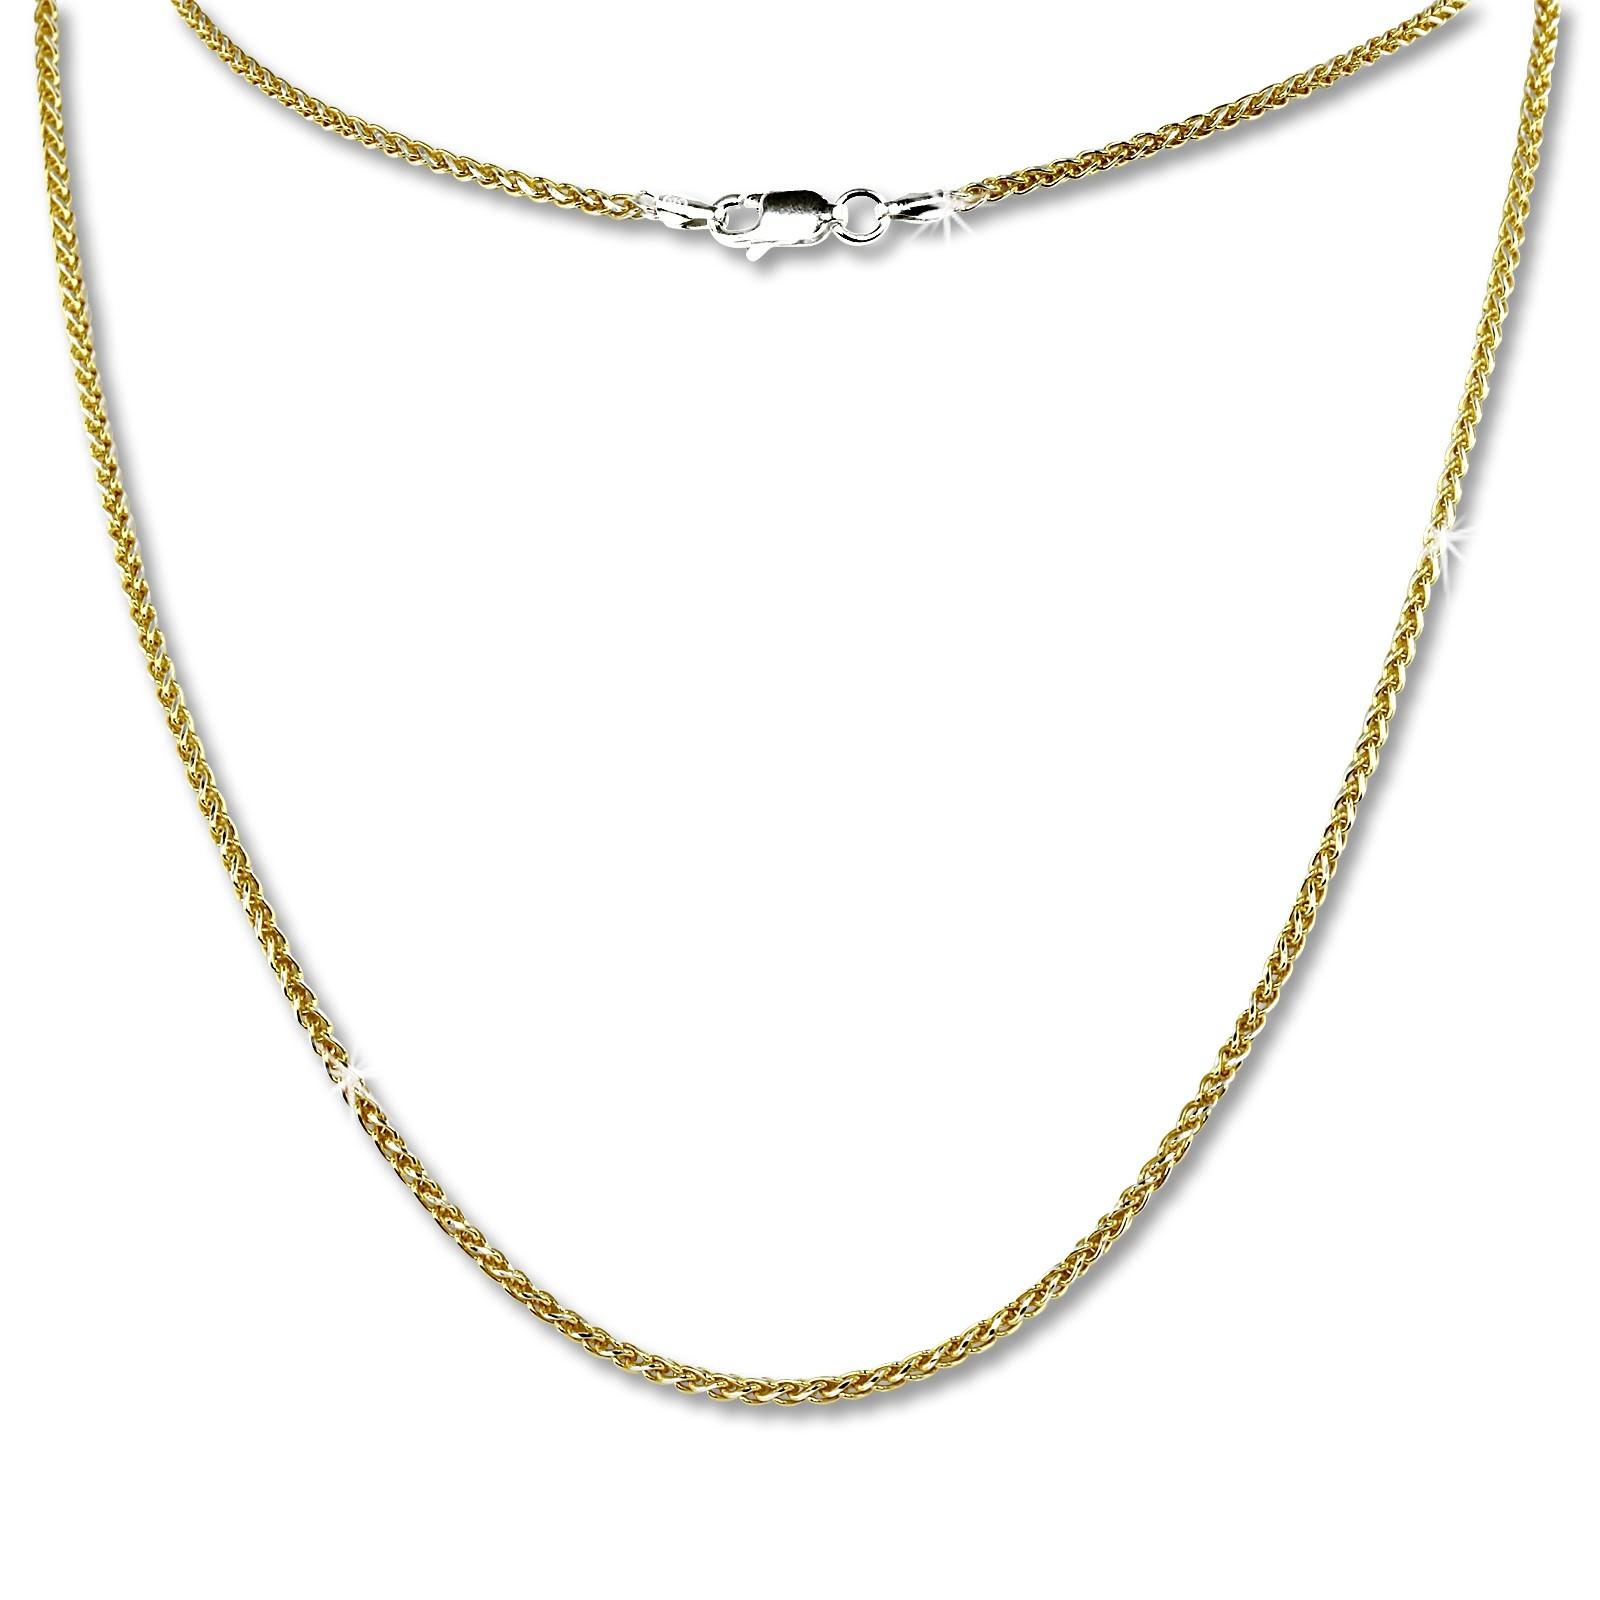 SilberDream Collier Kette Zopf vergoldet 925 Silber Damen 45cm SDK21545Y